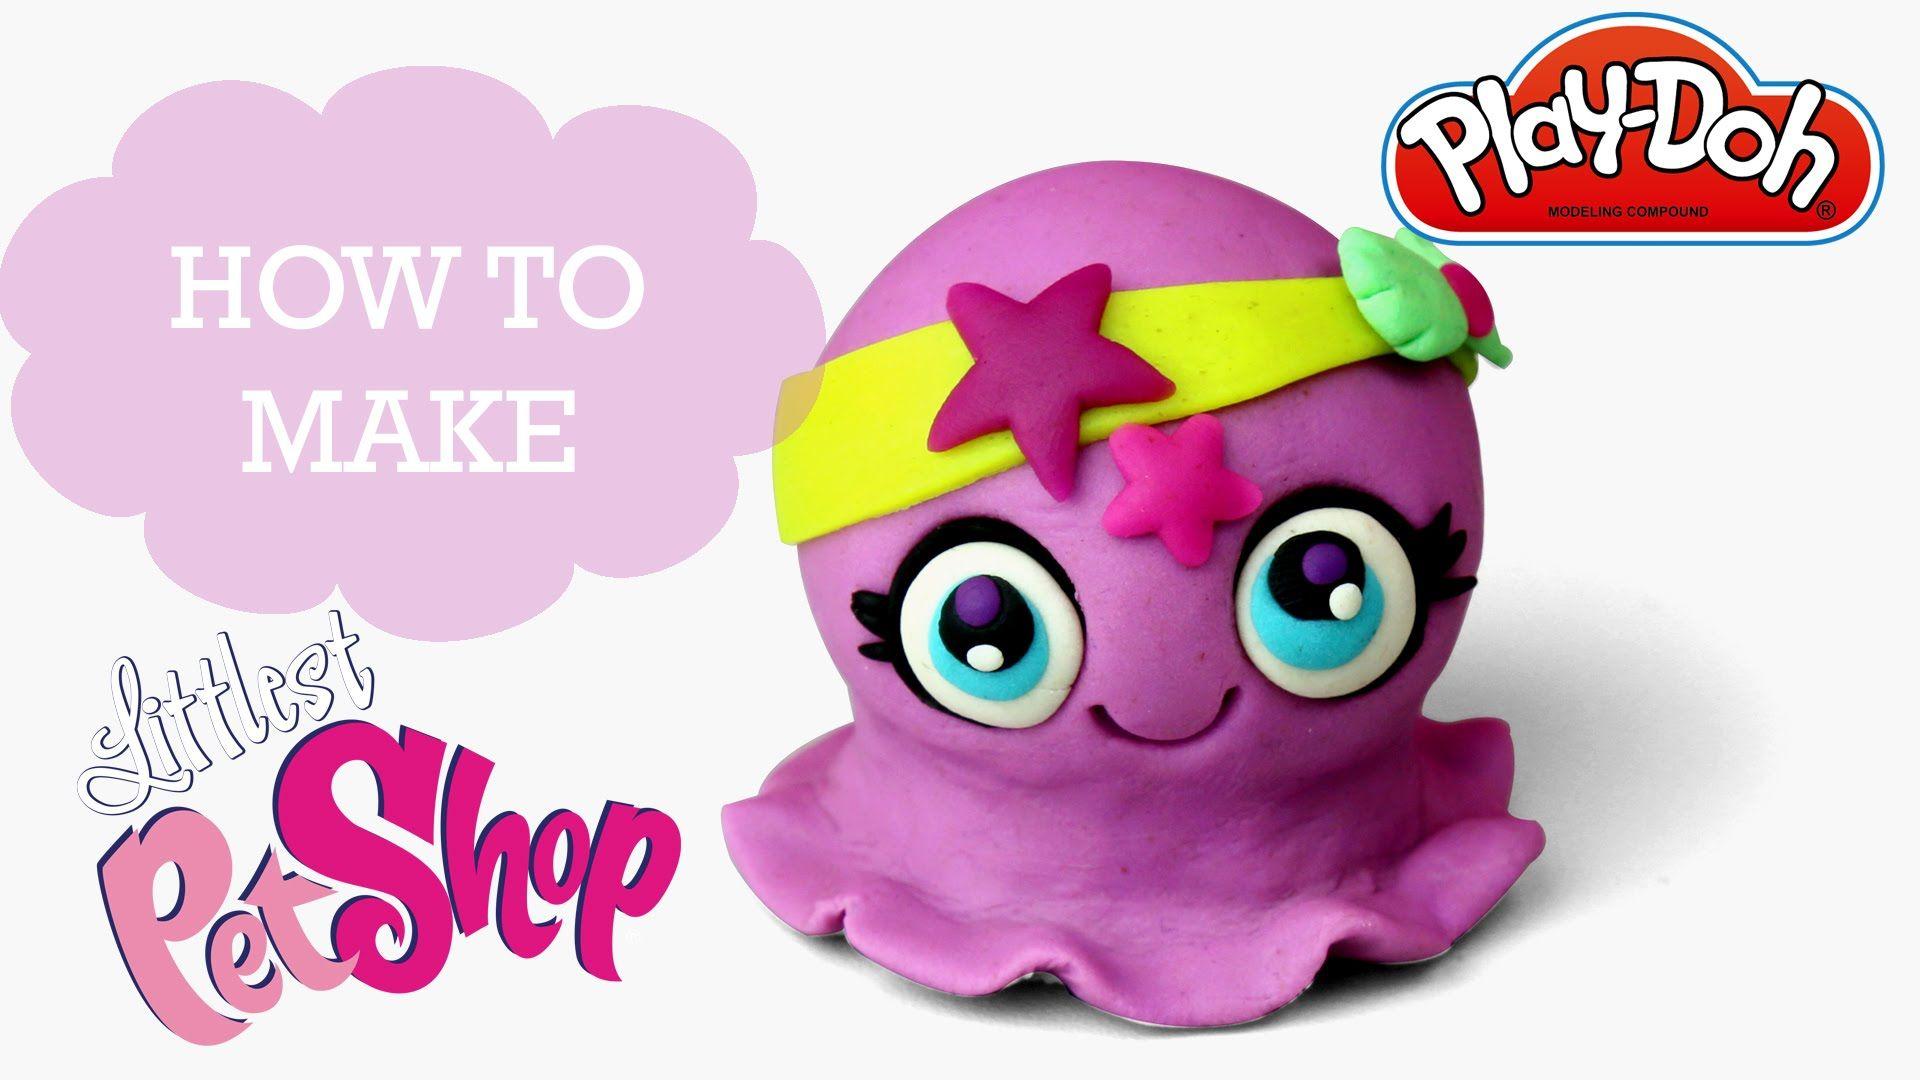 Littlest Pet Shop 2016 Play Doh Making Cute Octopus